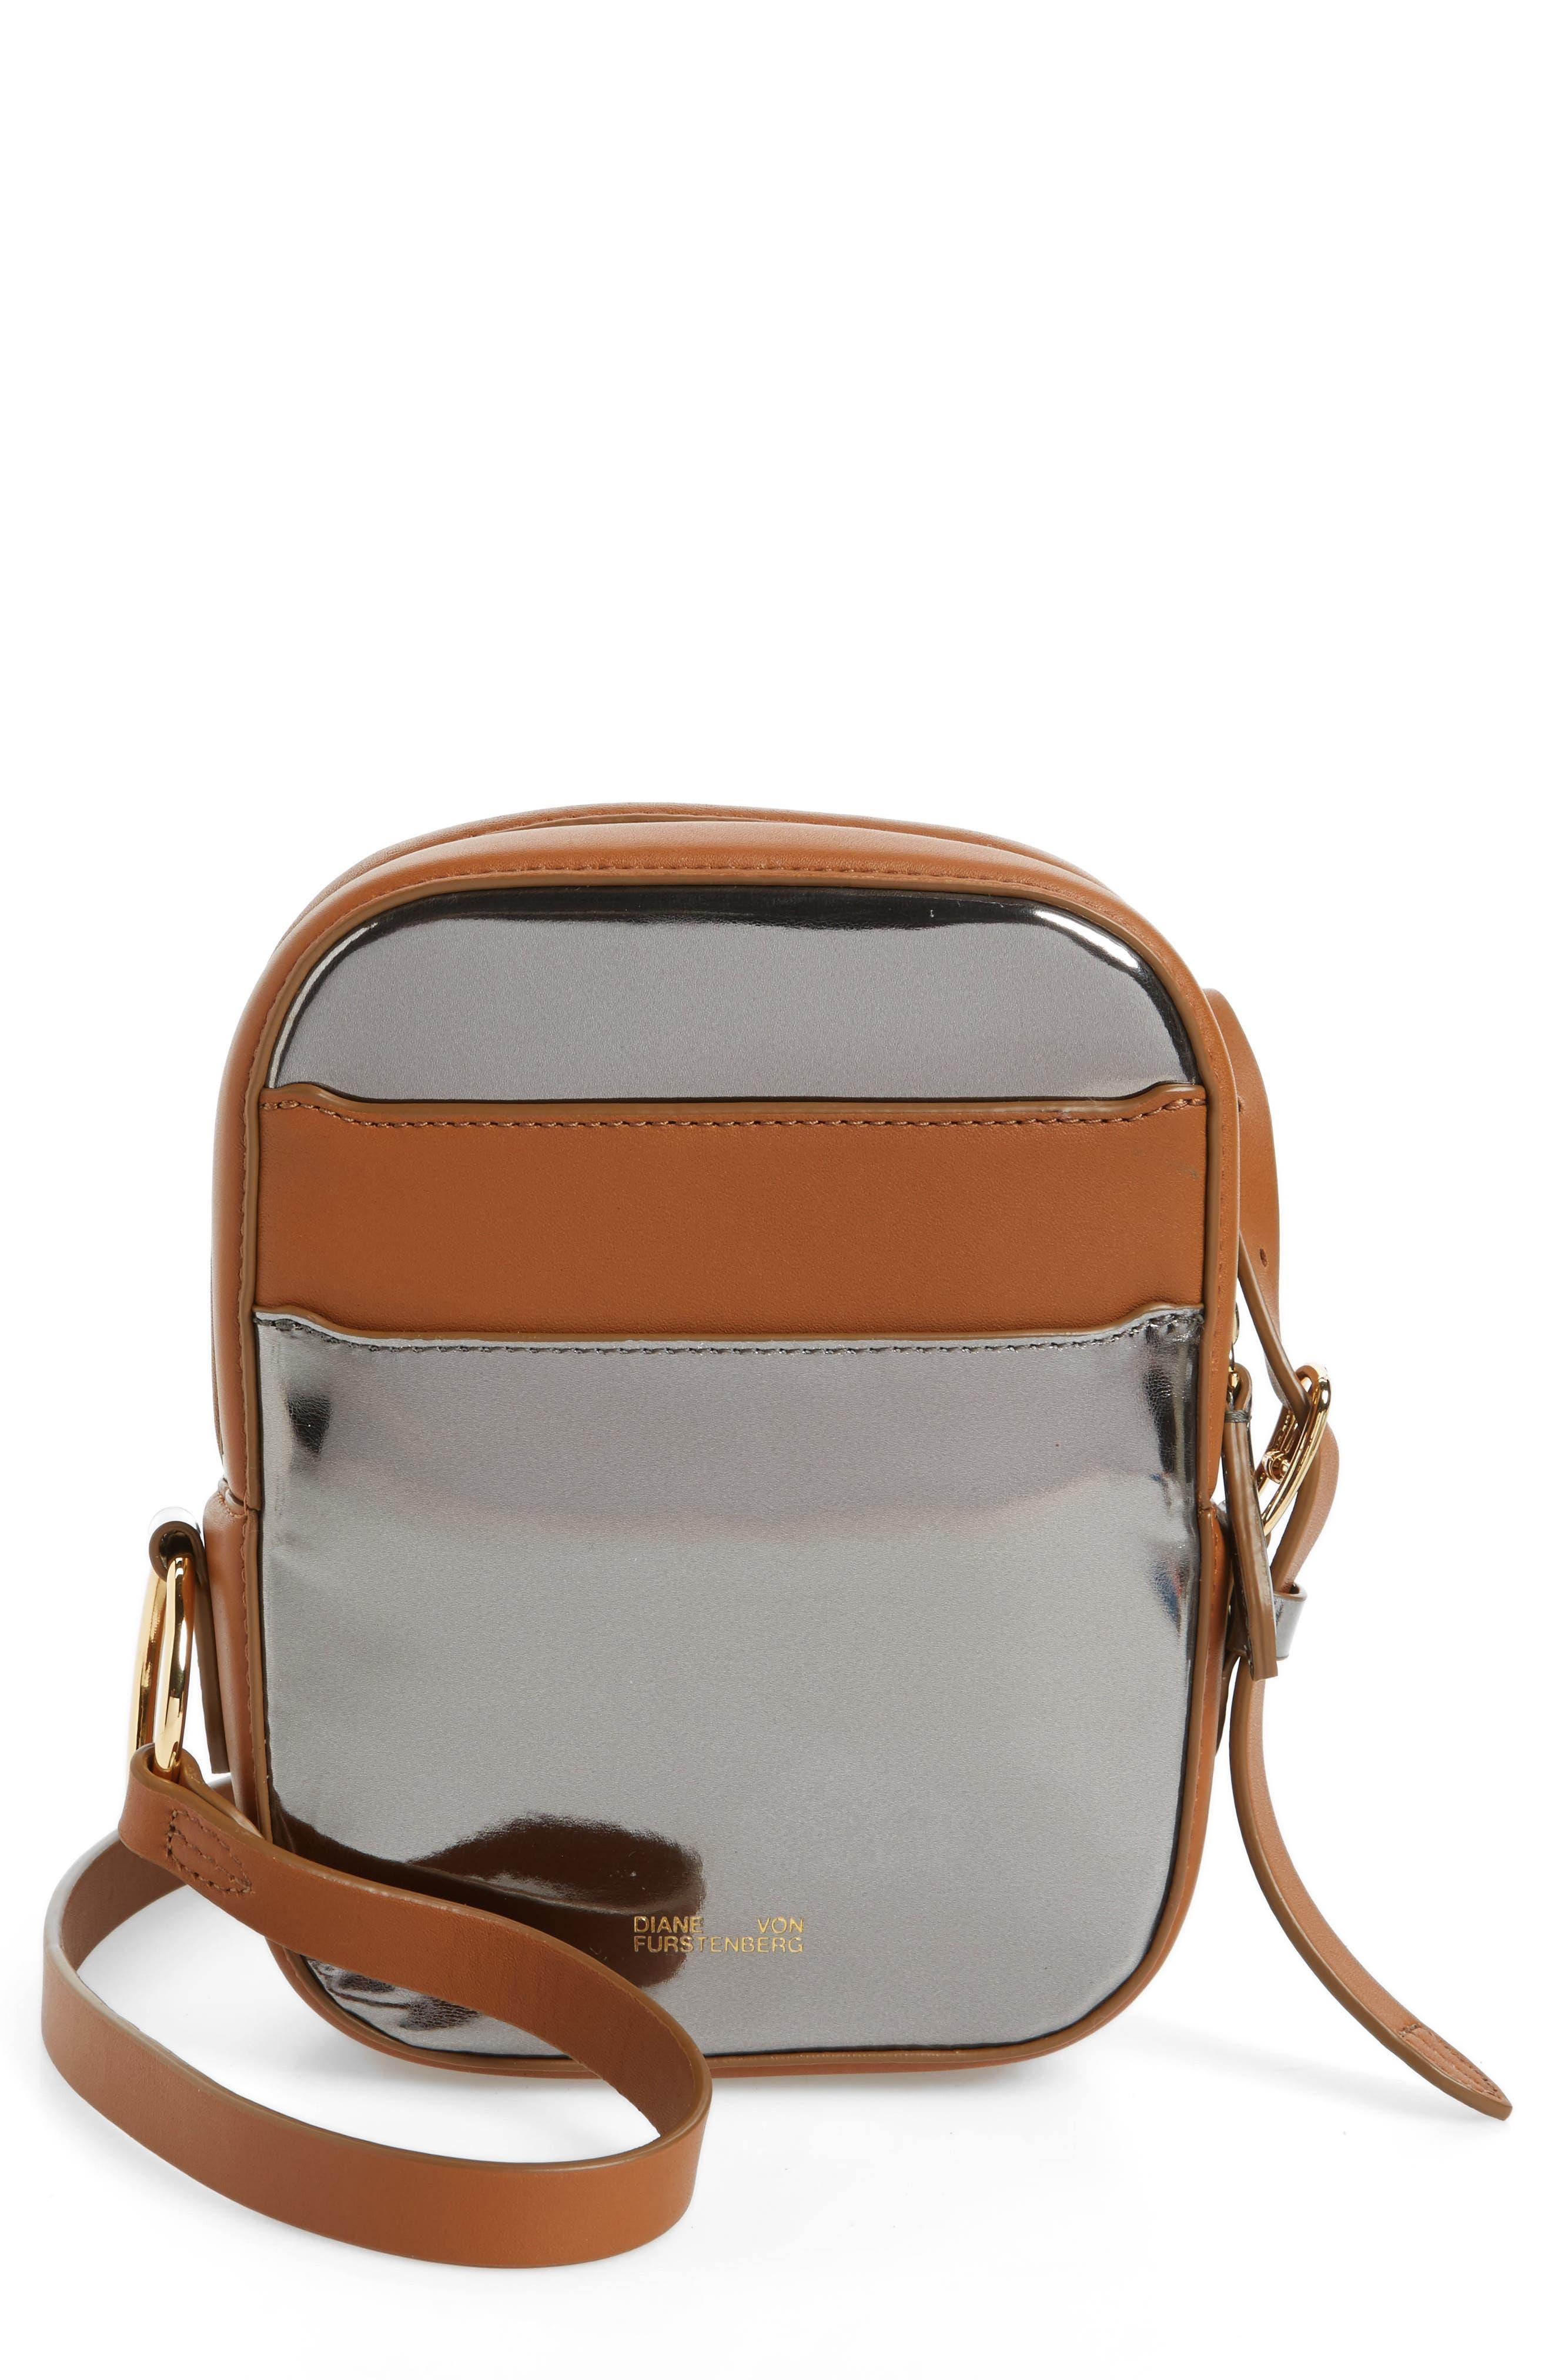 Specchio Leather Camera Bag,                         Main,                         color, 040